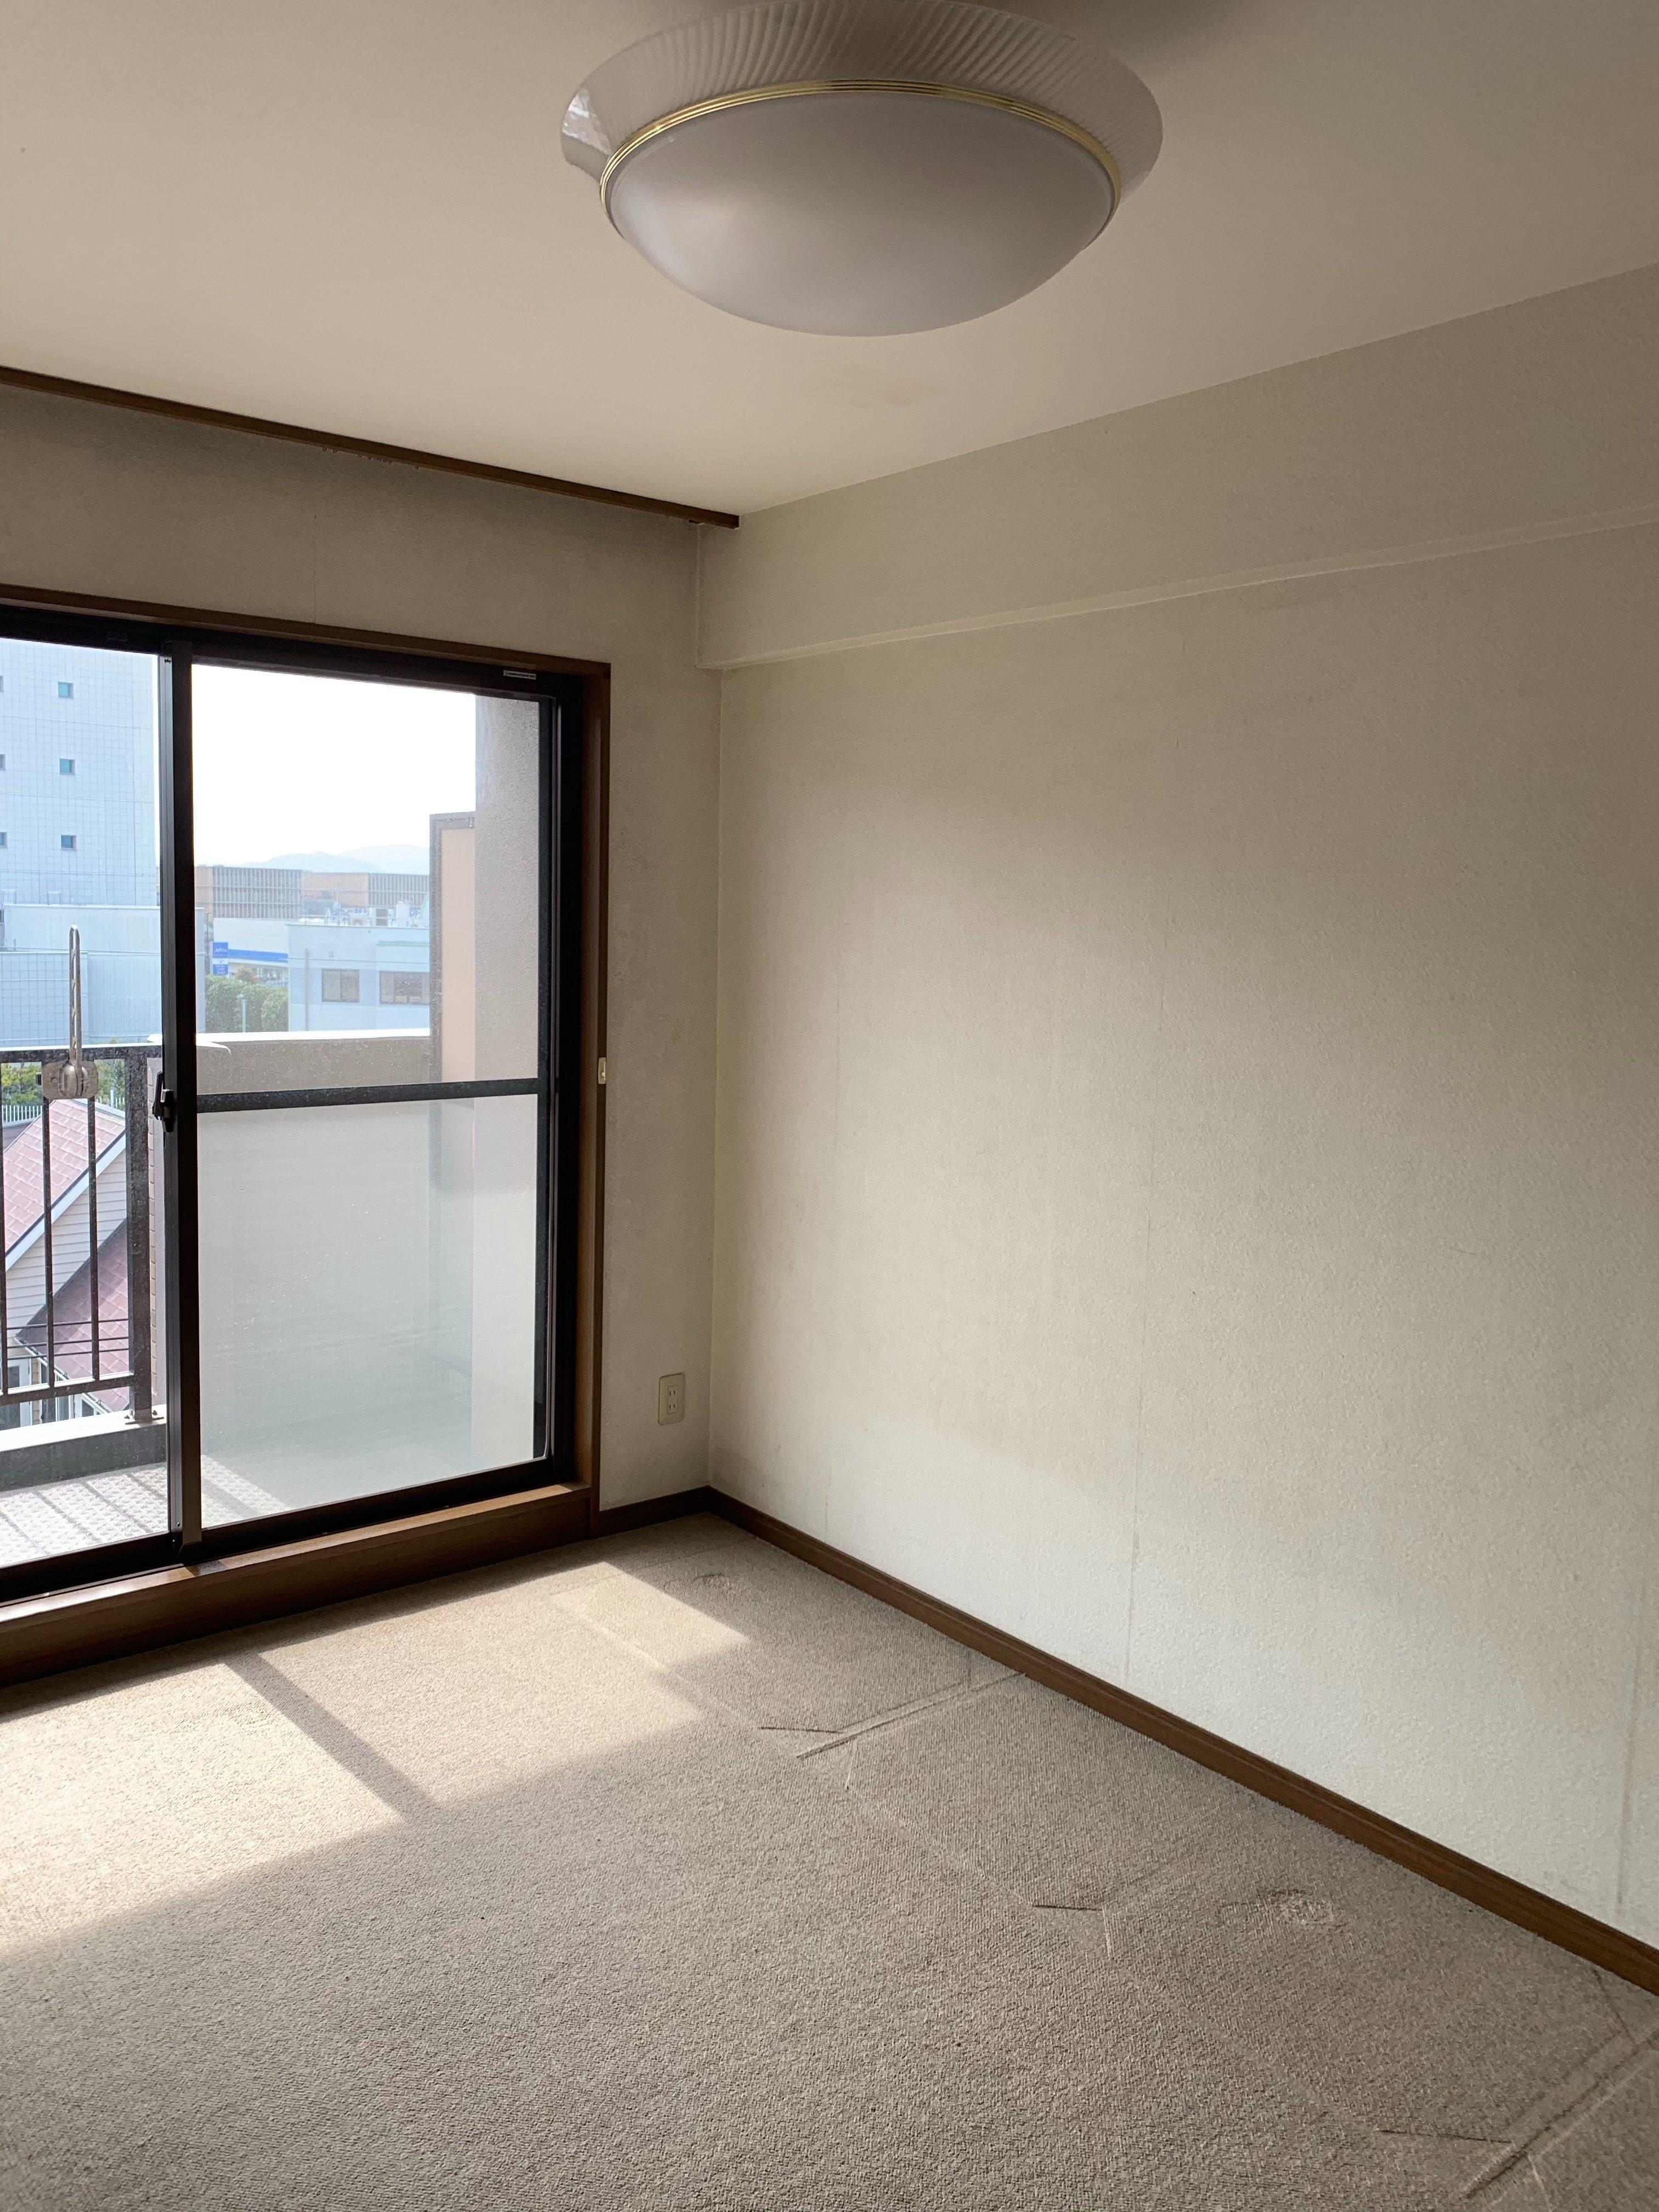 静岡市にてマンション改装現地調査のご依頼